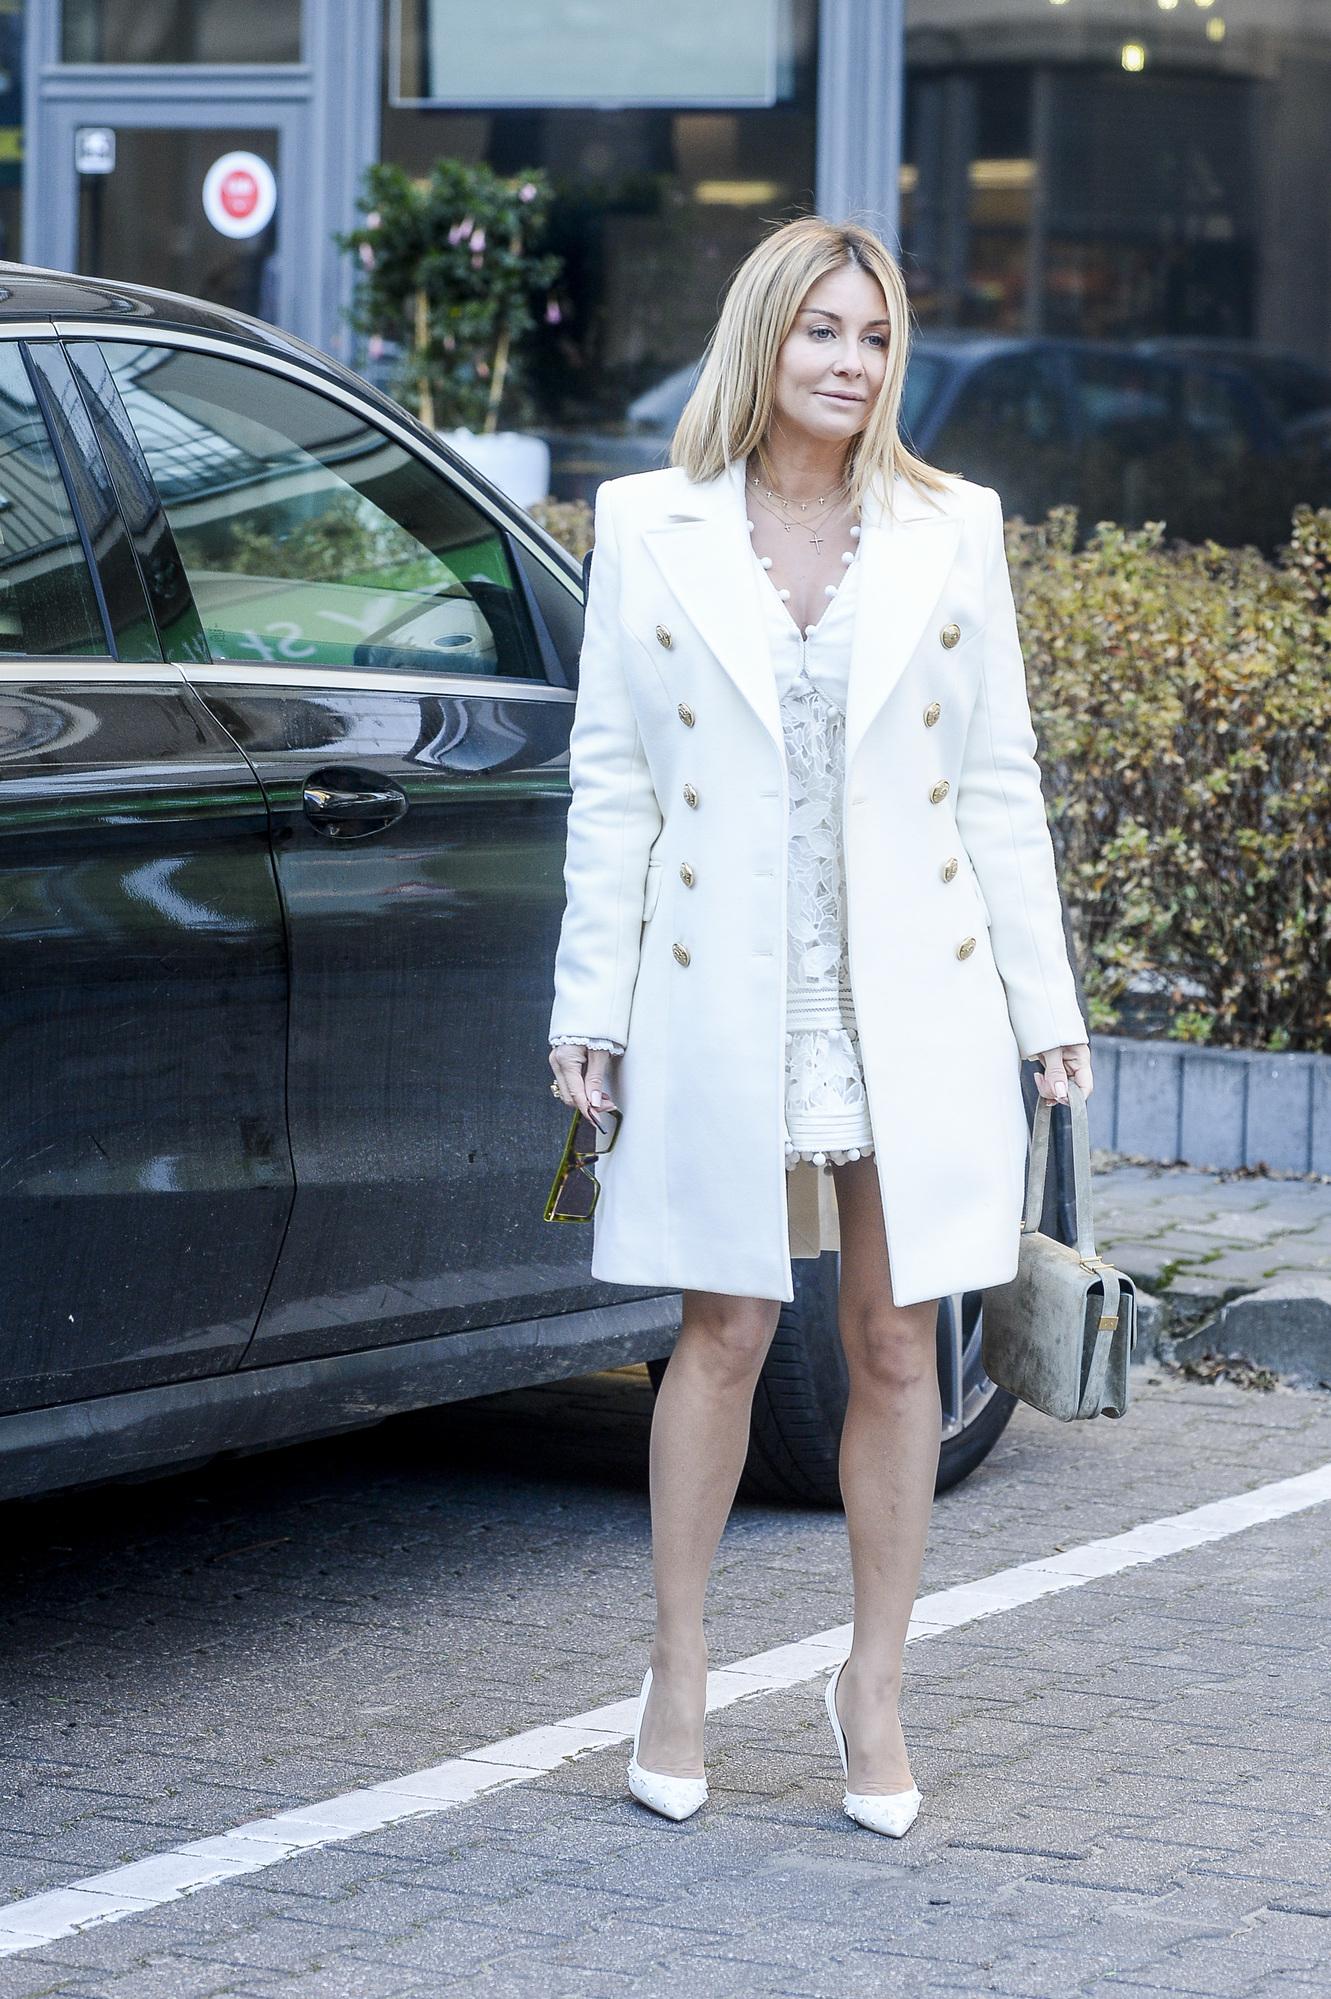 Małgorzata Rozenek w BARDZO krótkiej sukience odsłoniła DŁUGIE nogi (ZDJĘCIA)